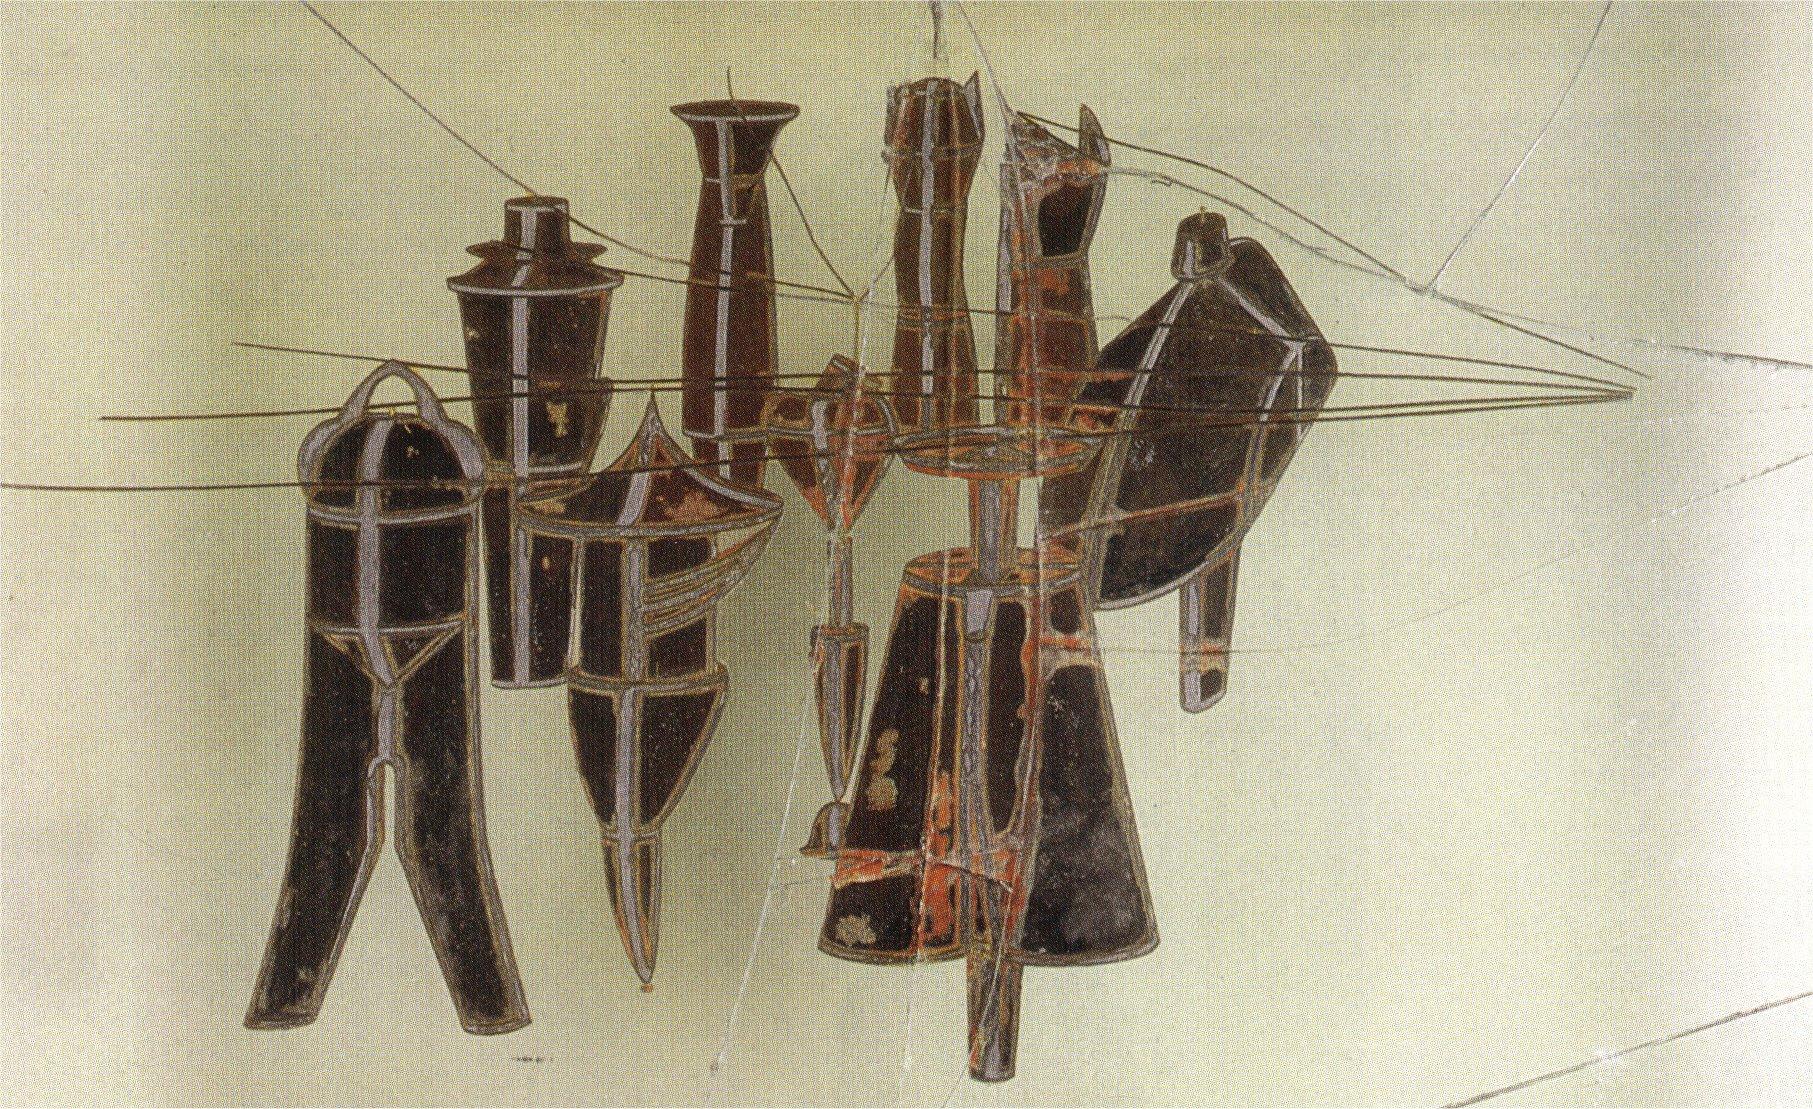 Дада + сюрреализм, выставка высоких каблуков и богемная элита в угаре